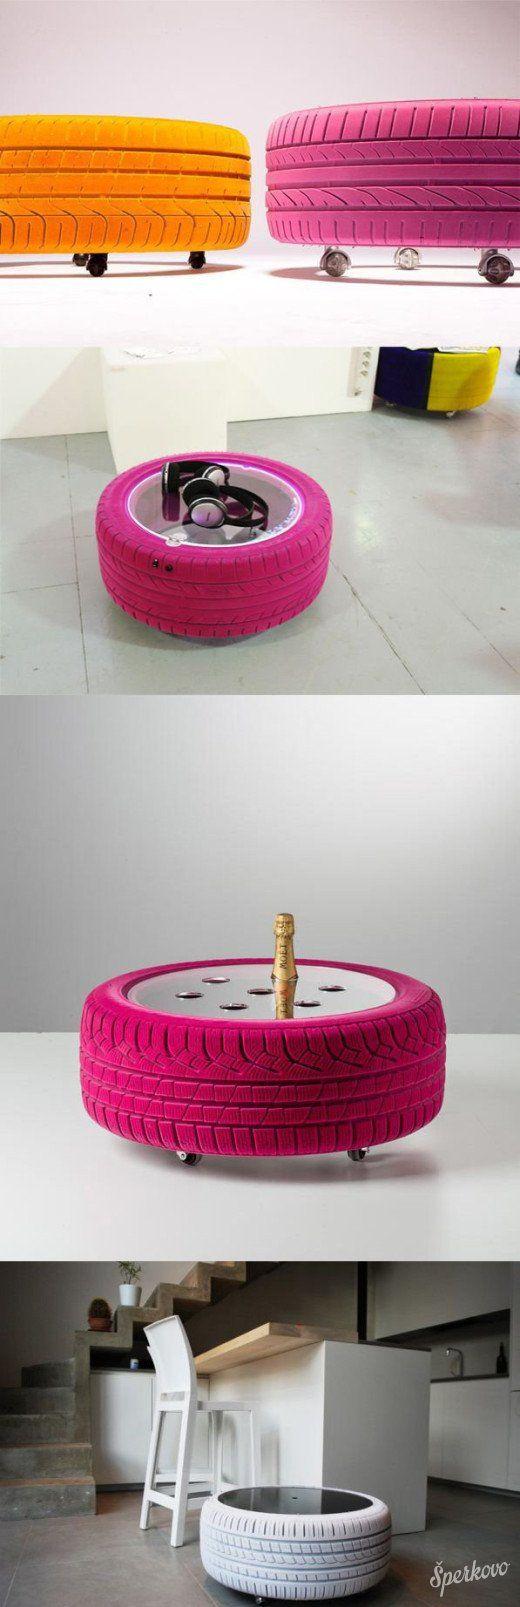 kreatívne nápady / recyklované pneumatiky